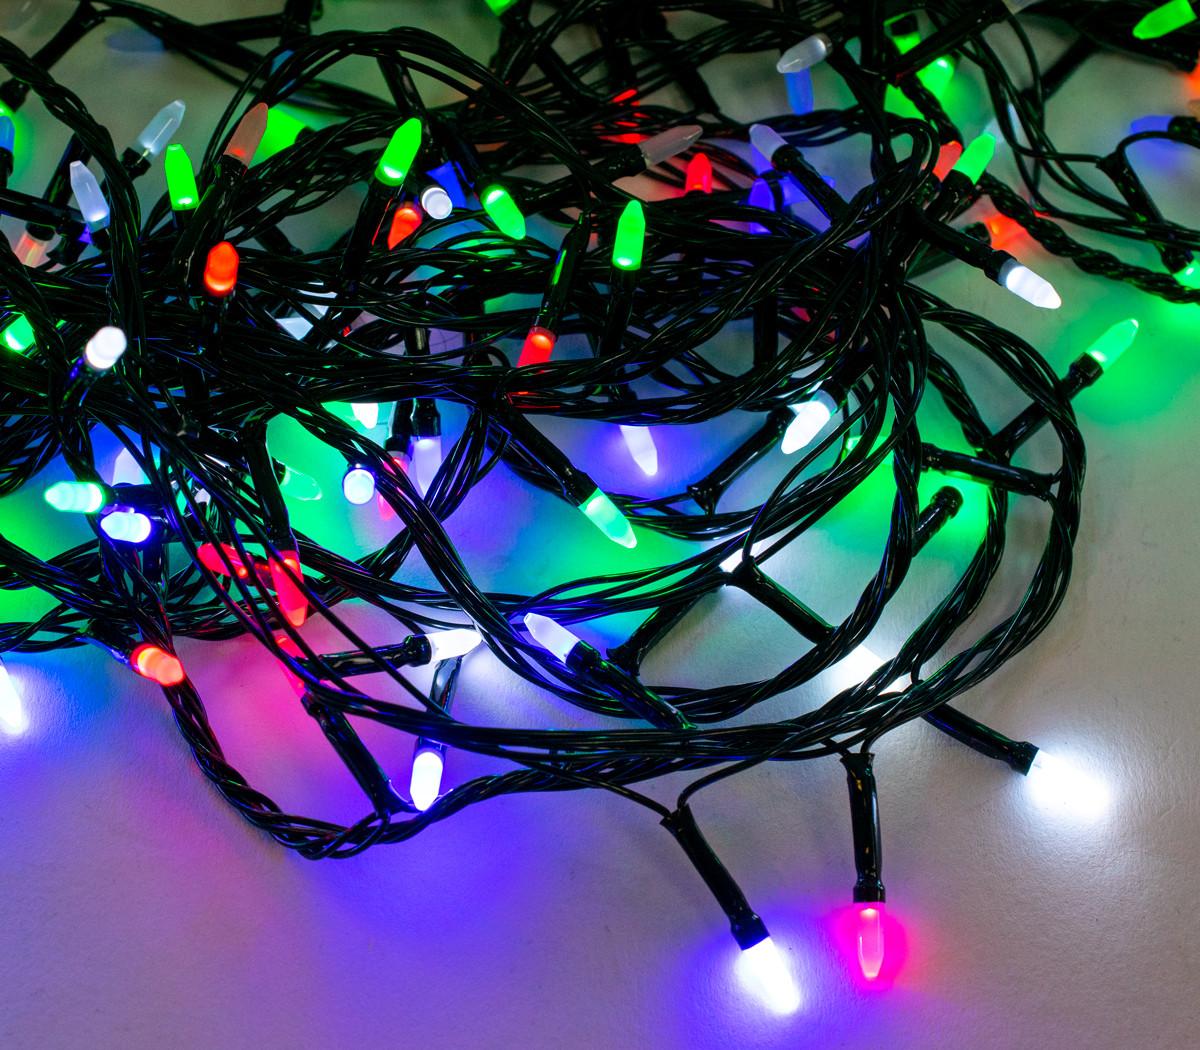 Новорічна гірлянда Xmas LED 400 M-3 16 метрів, світлодіодна гірлянда на ялинку (гірлянда на ялинку)